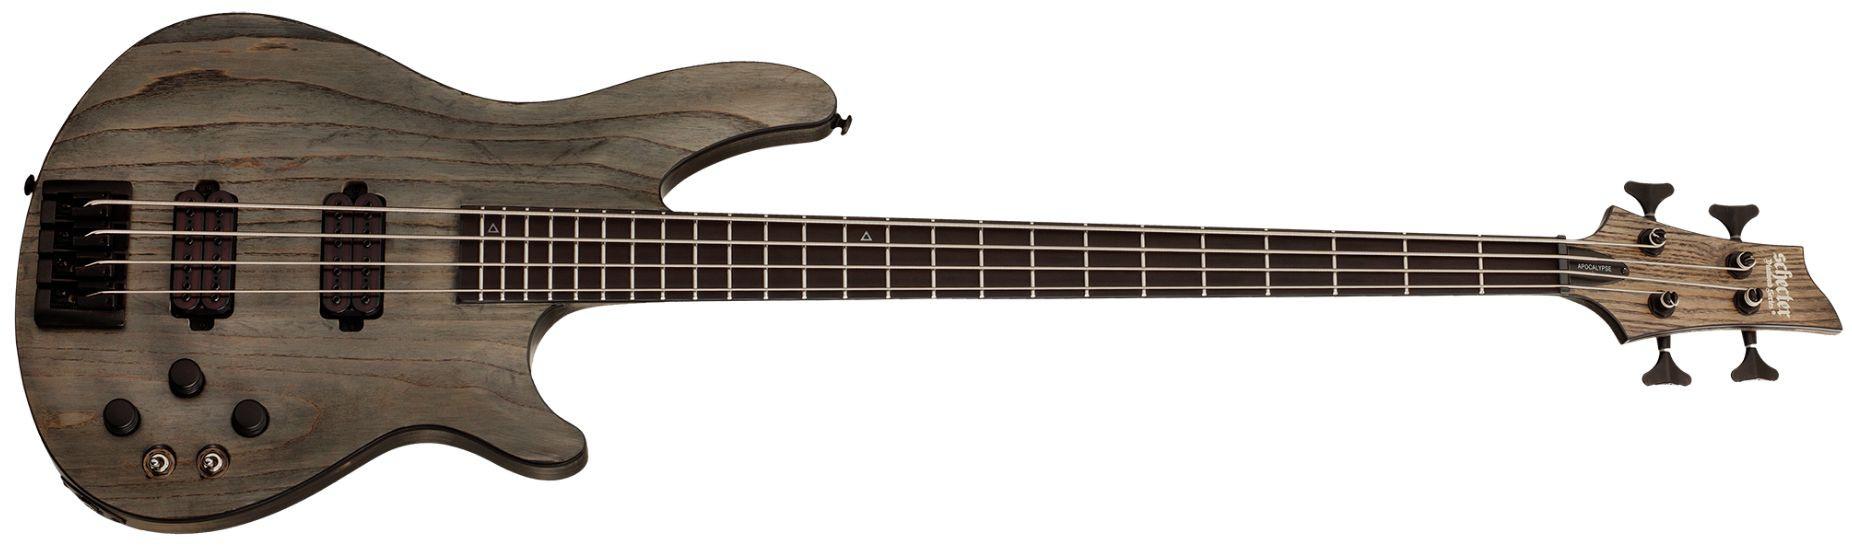 Schecter C4 Apocalypse Bass